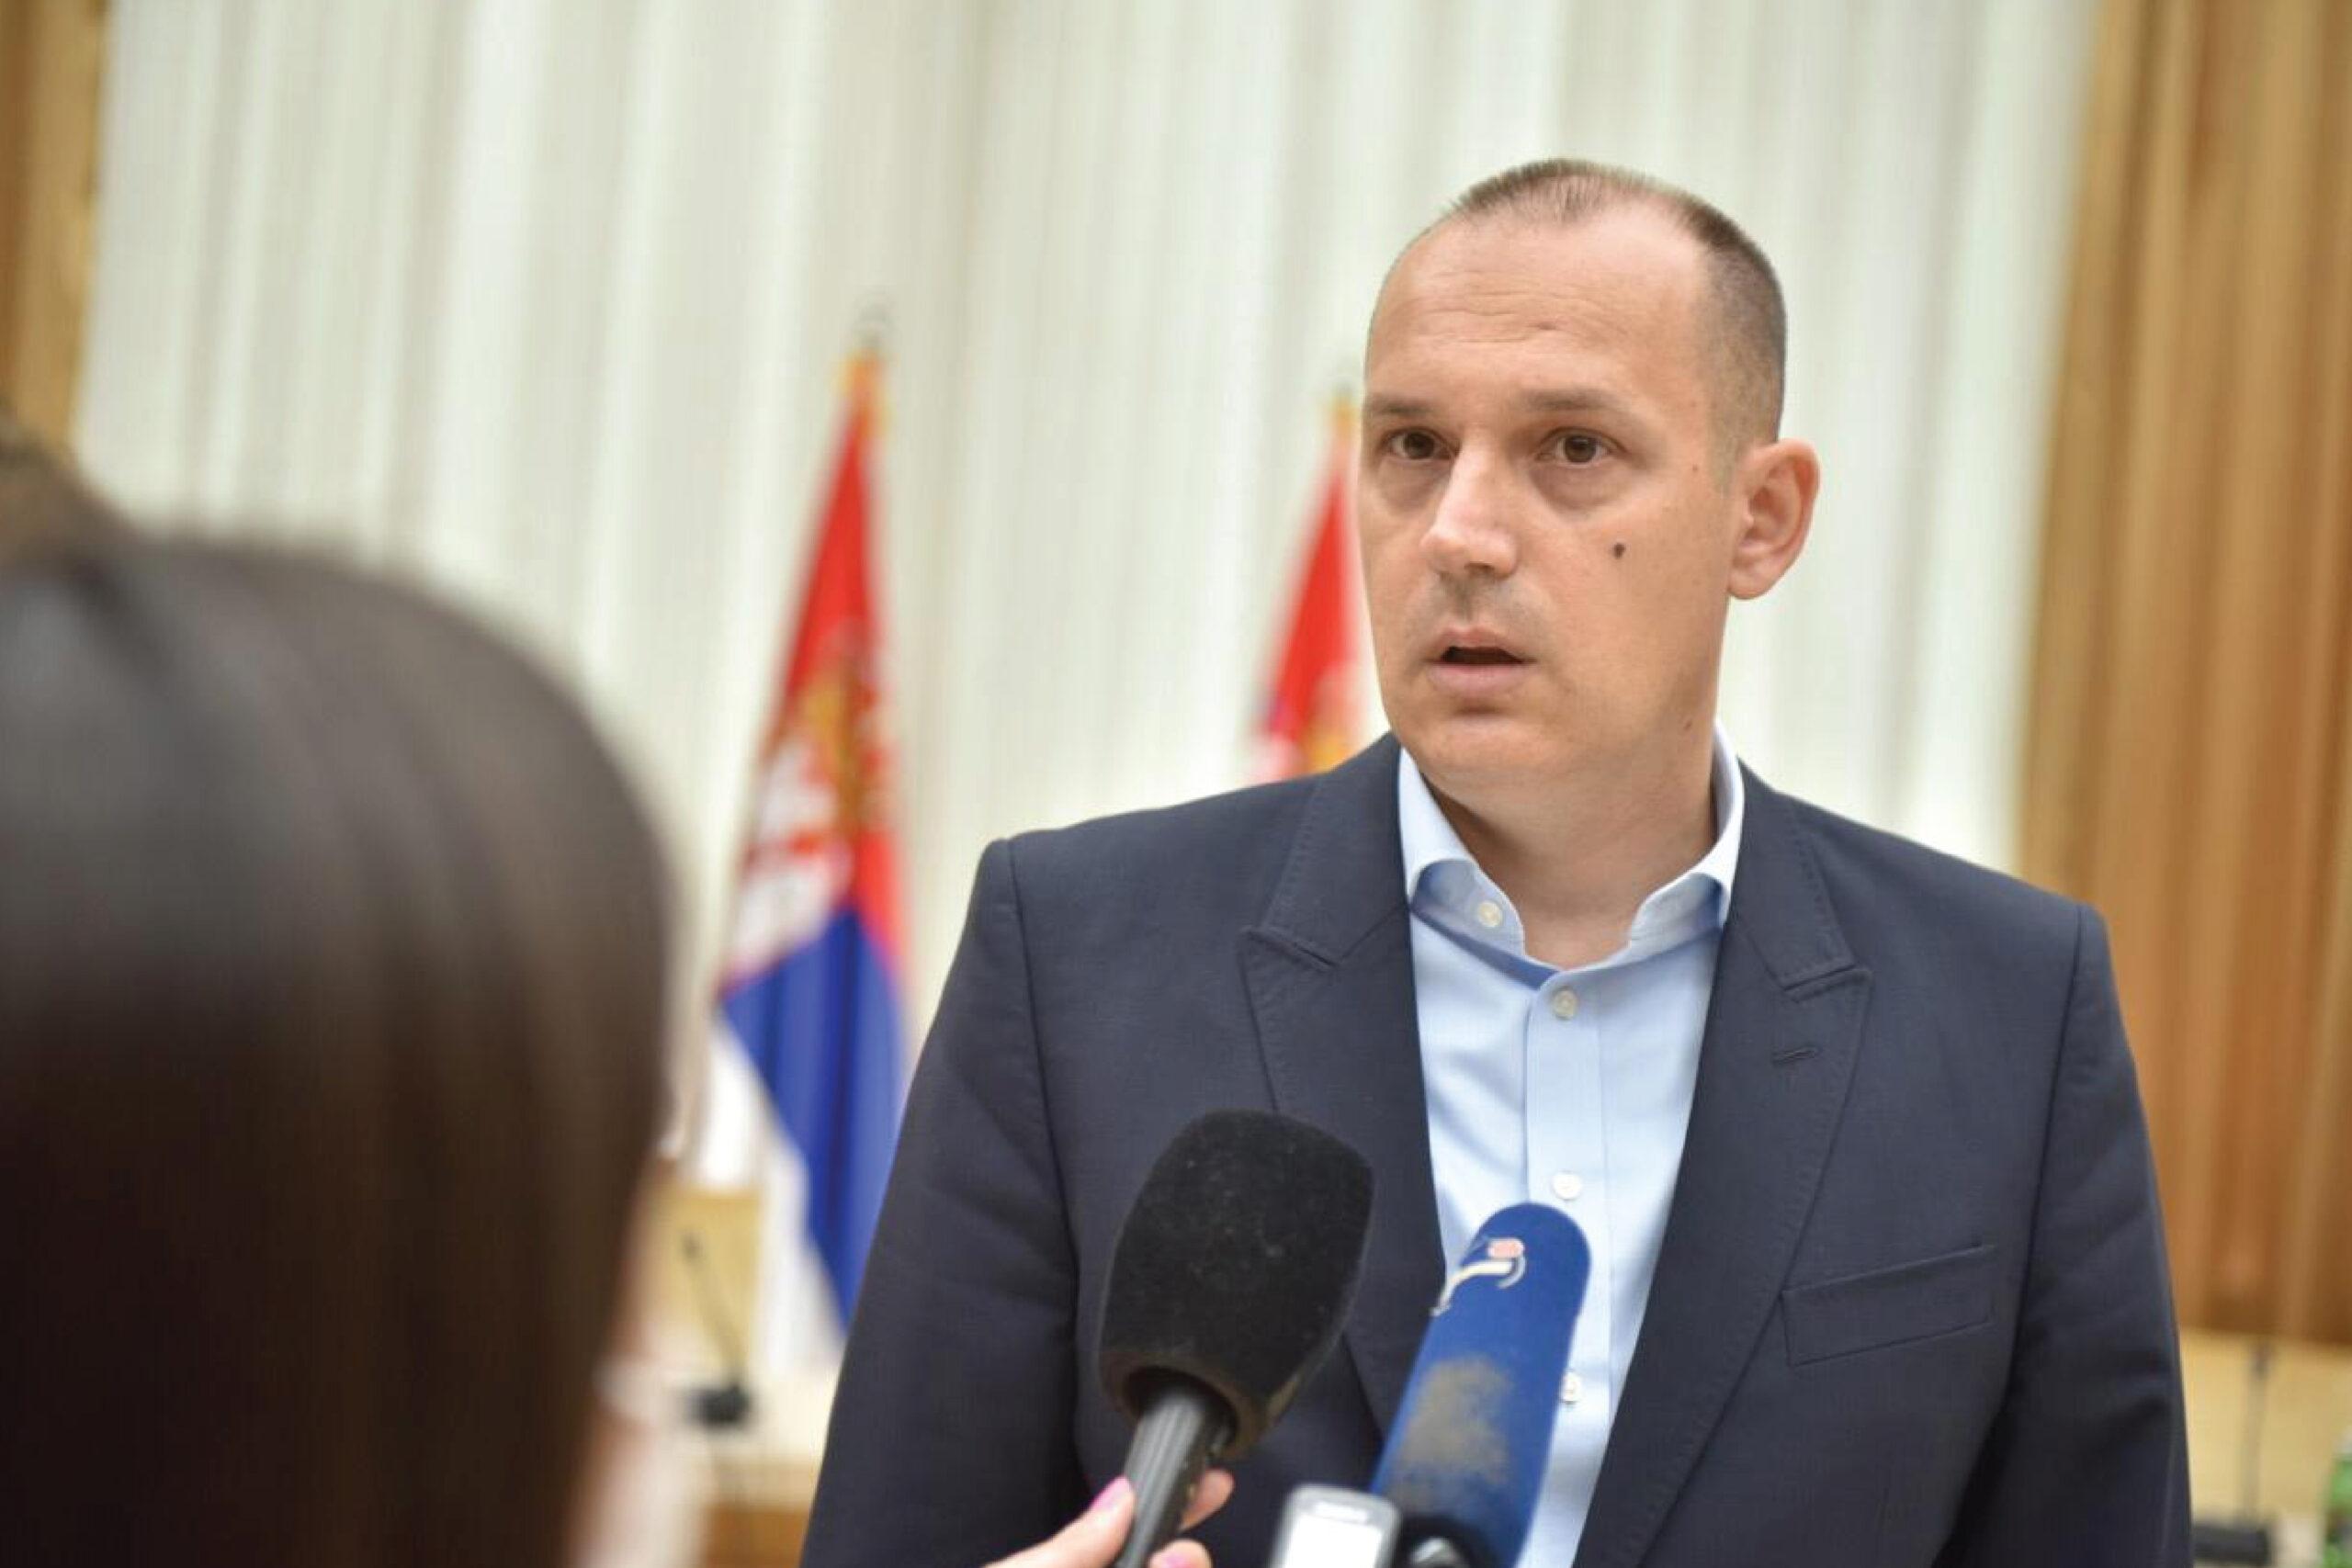 Лончар: Примићу прву следећу вакцину која стигне у Србију